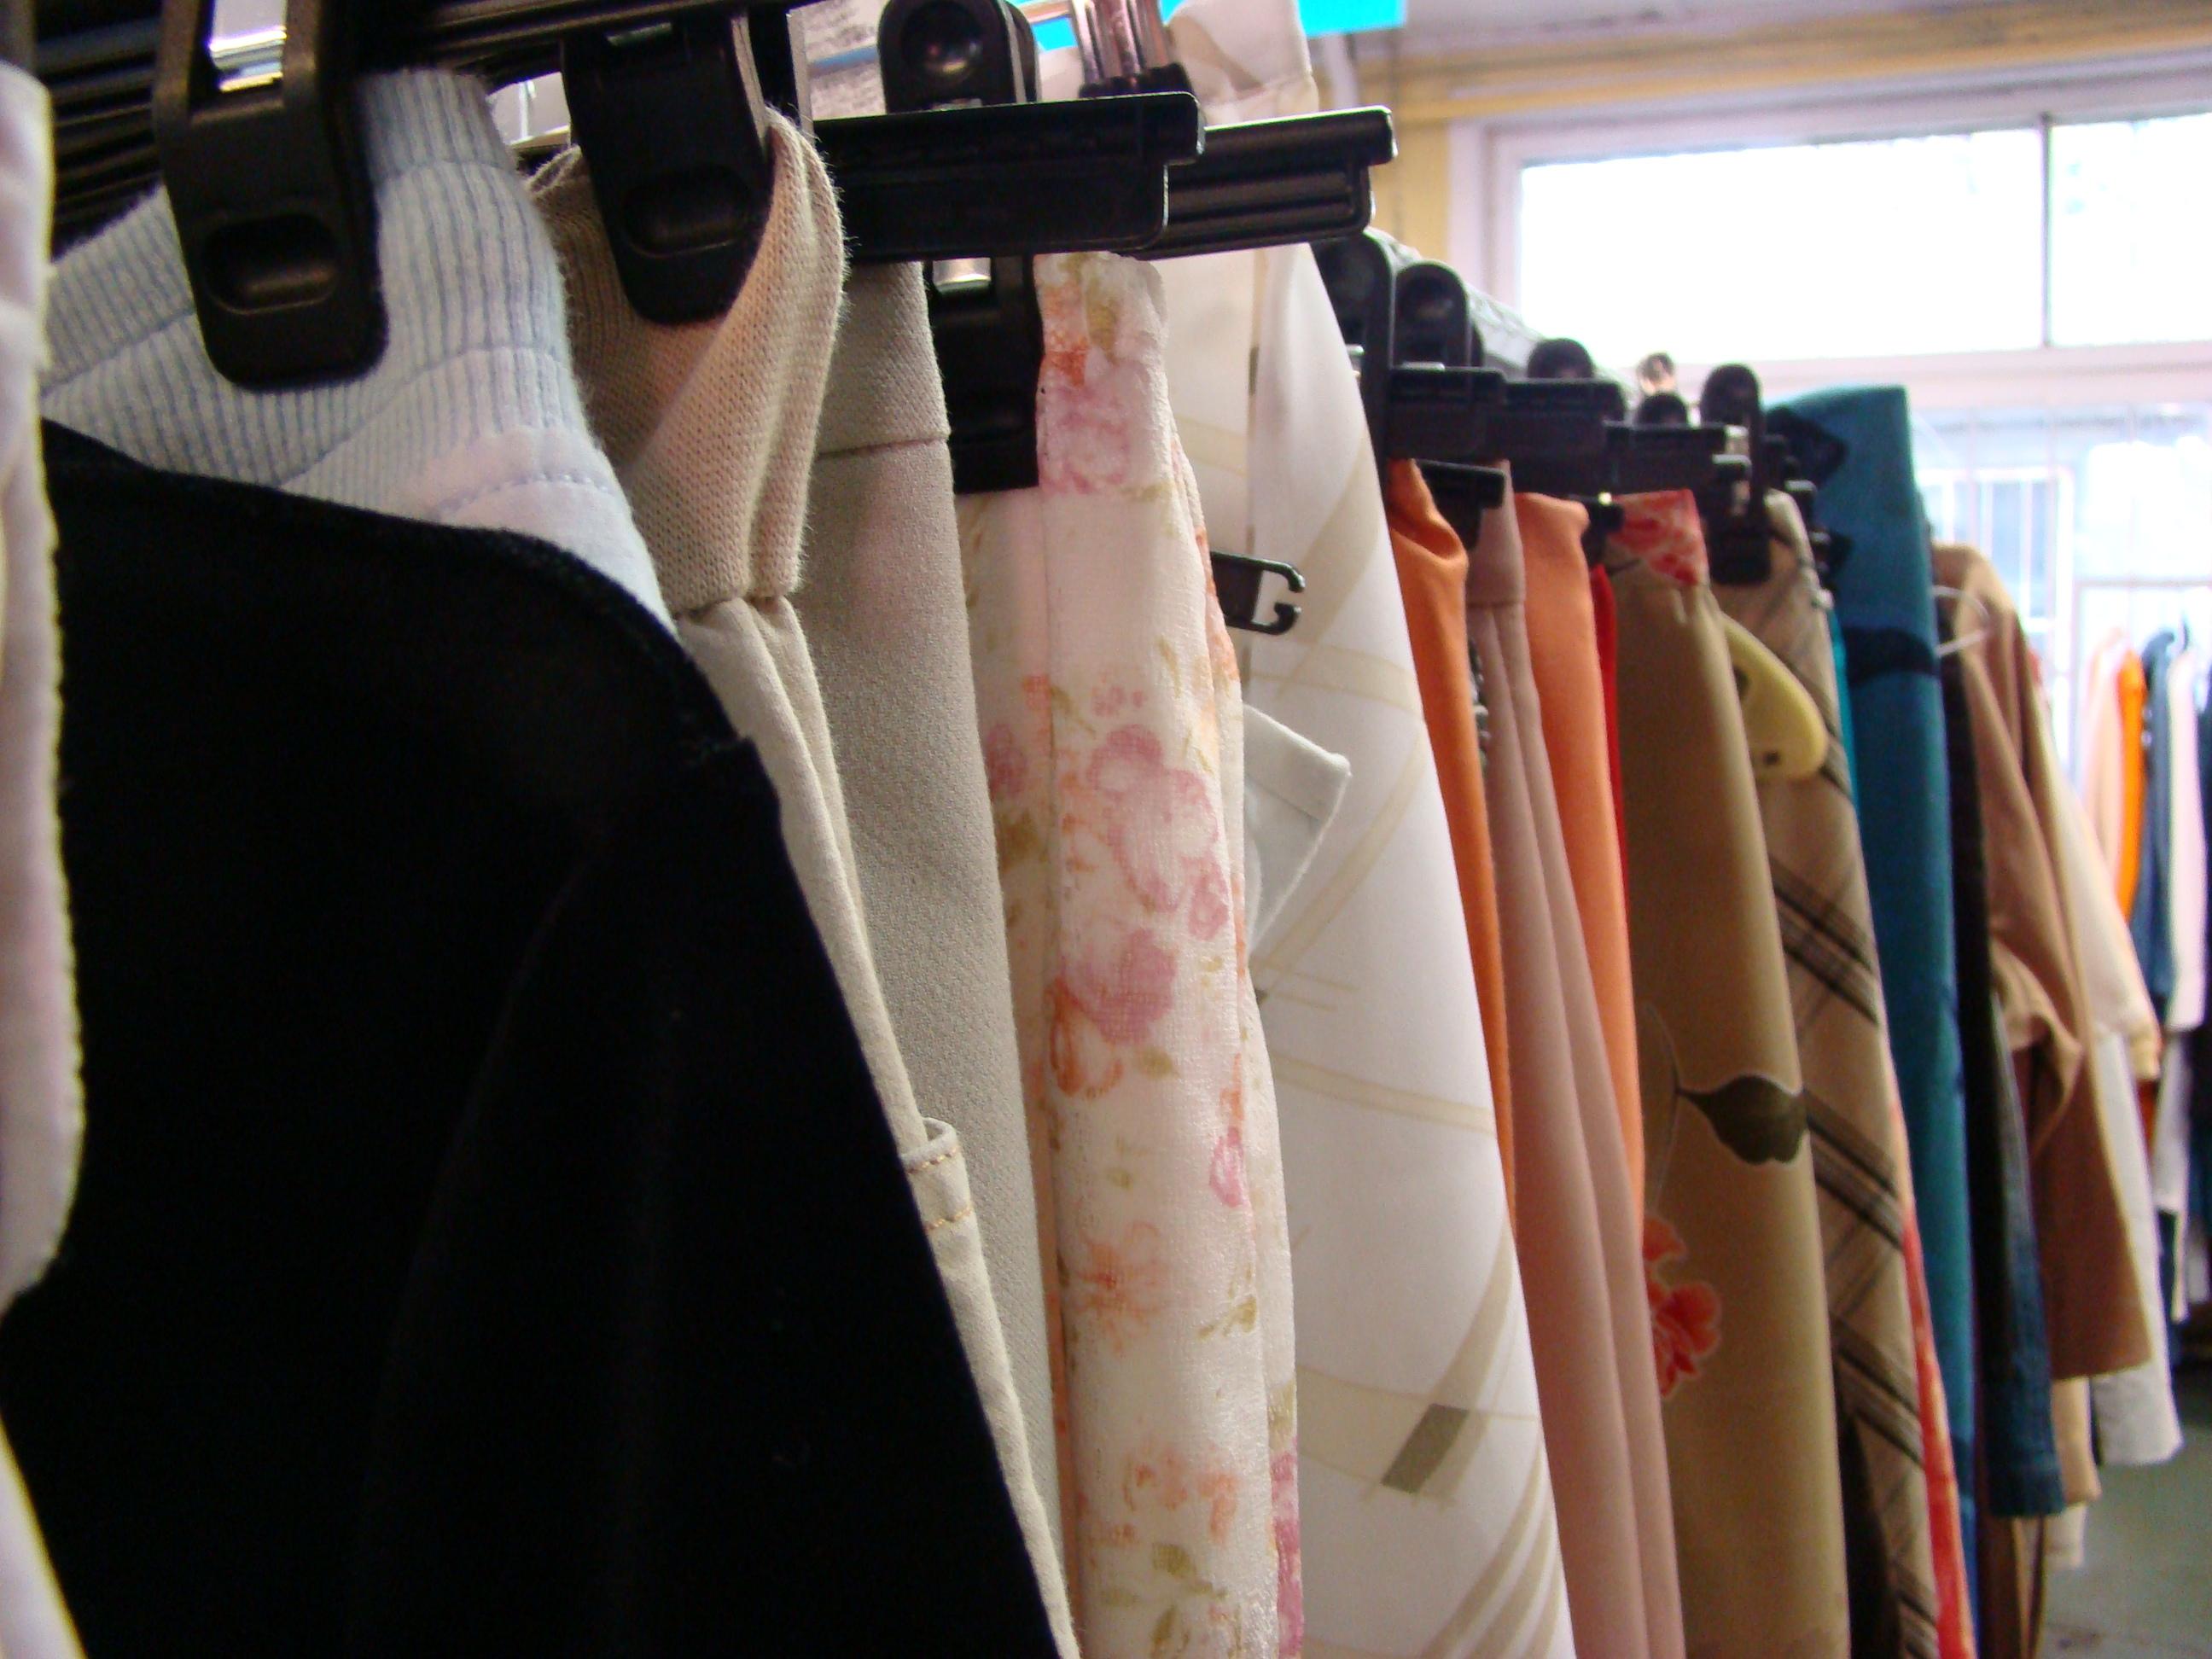 fb47fa9f521 Mida ette võtta pruugitud rõivastega? | Bioneer